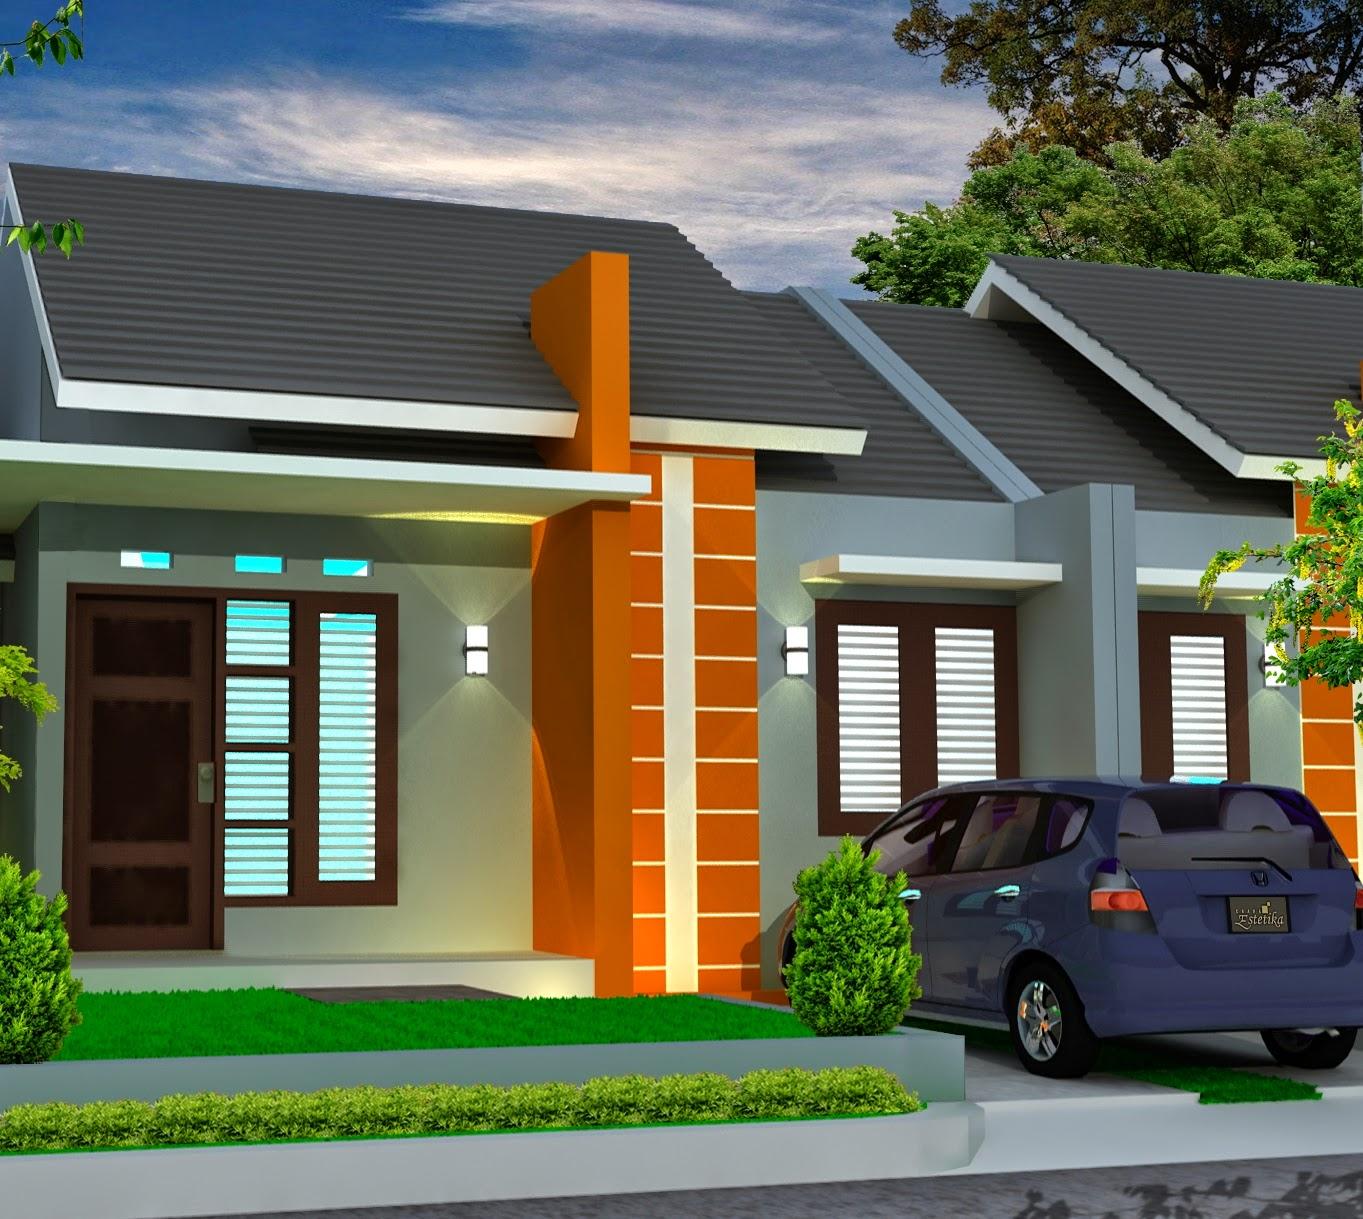 Harga Rumah Minimalis 1 Lantai Terbaru 2017 DesainRumahMinicom